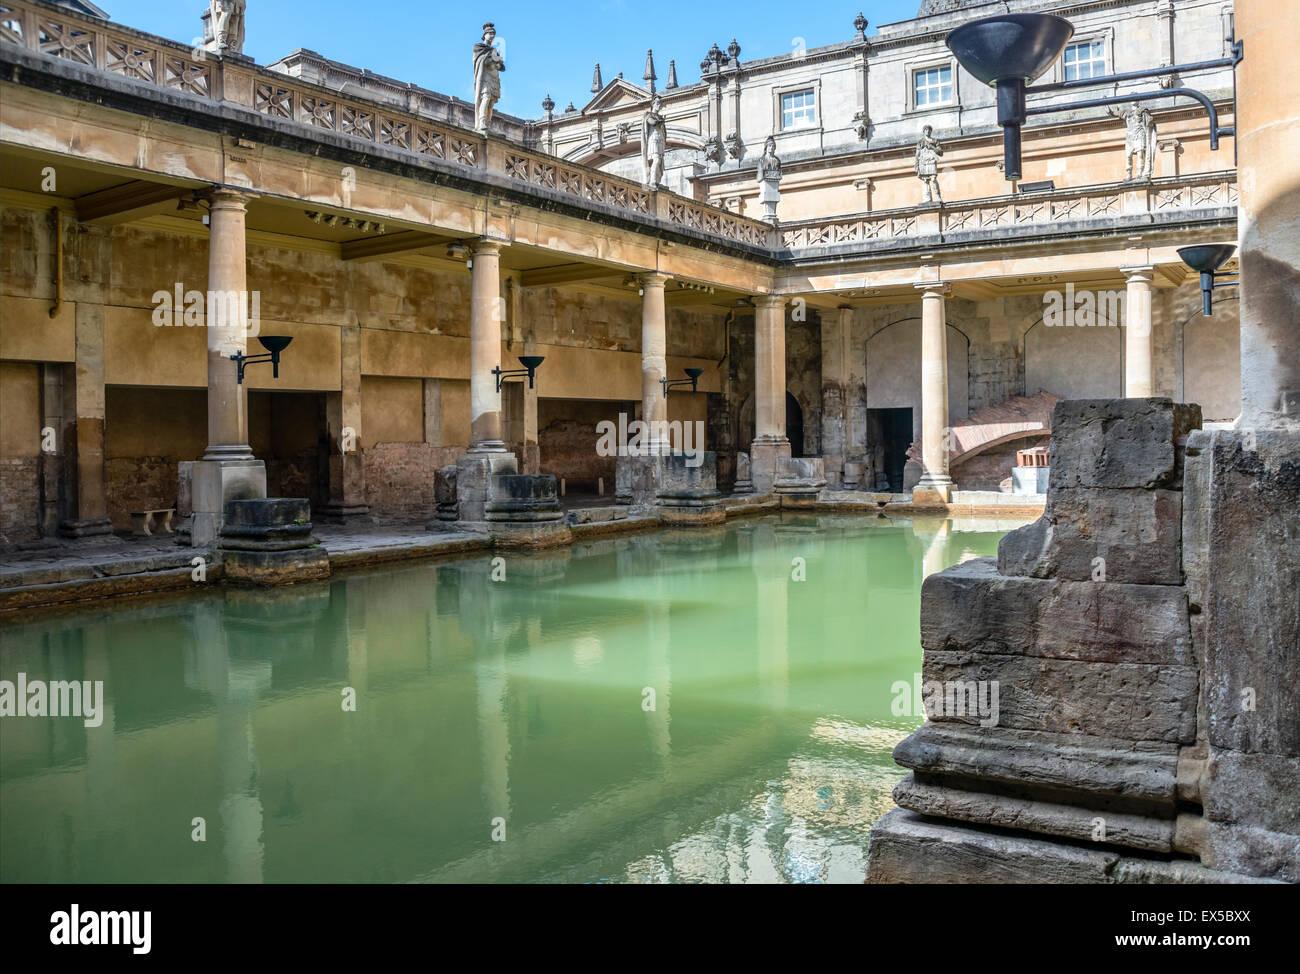 Das große Bad Roman Baths Komplex, ein Ort von historischem Interesse in der englischen Stadt Bath, Somerset, Stockbild